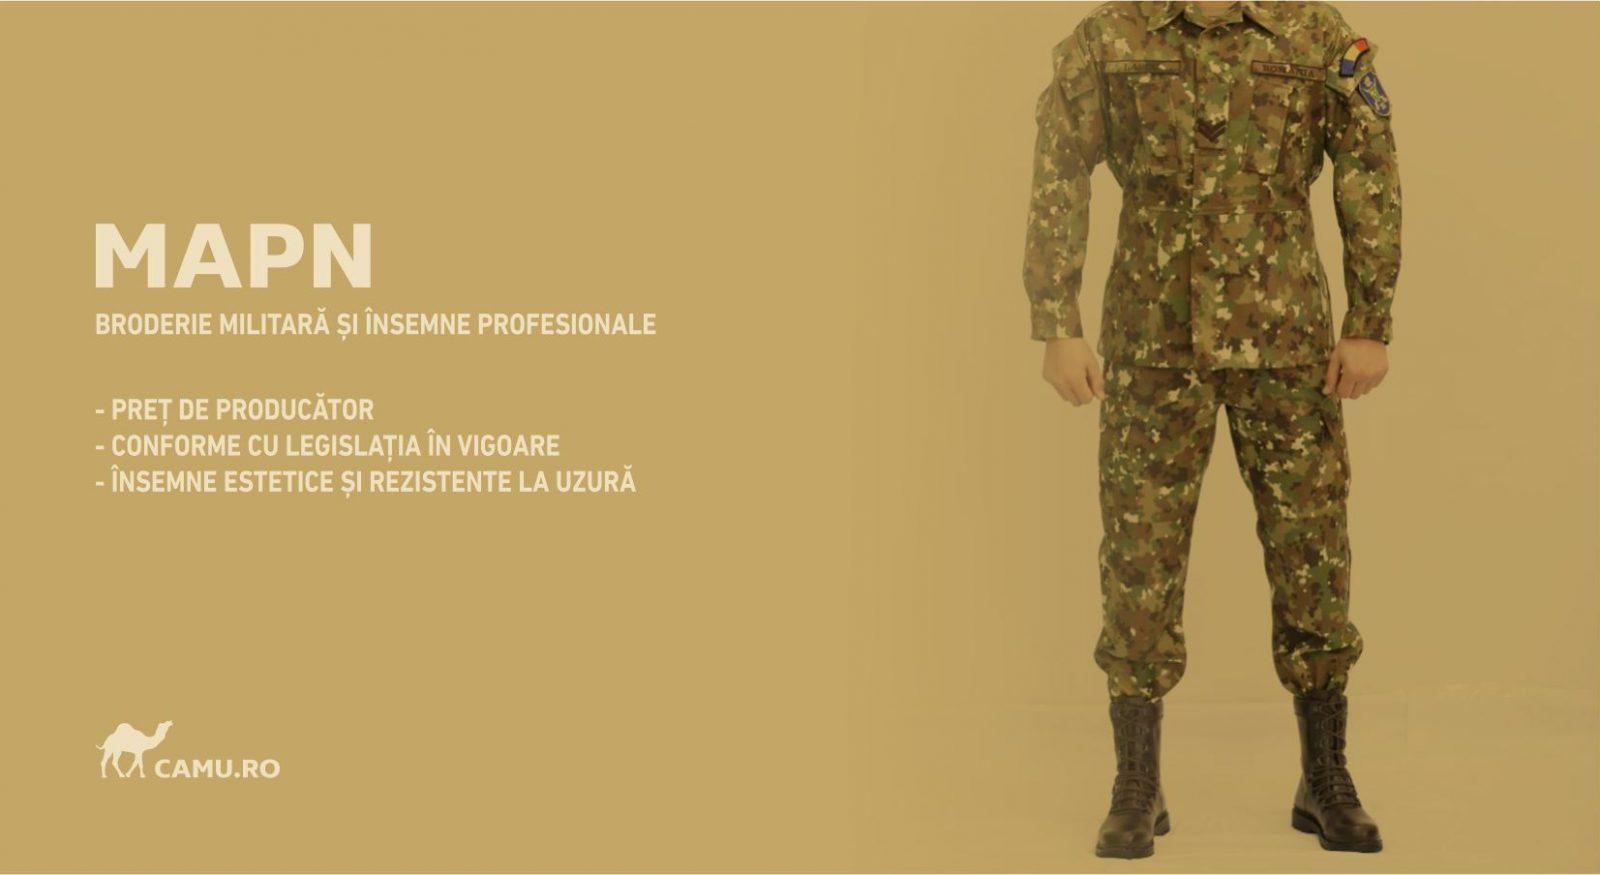 Grade Militare Armată Română MAPN de vânzare | Embleme Armată MAPN | Petlițe | Ecusoane | Nominale și alte însemne distinctive pentru uniforma de Armată MAPN Combat/Ripstop. *Conforme cu legislația în vigoare.